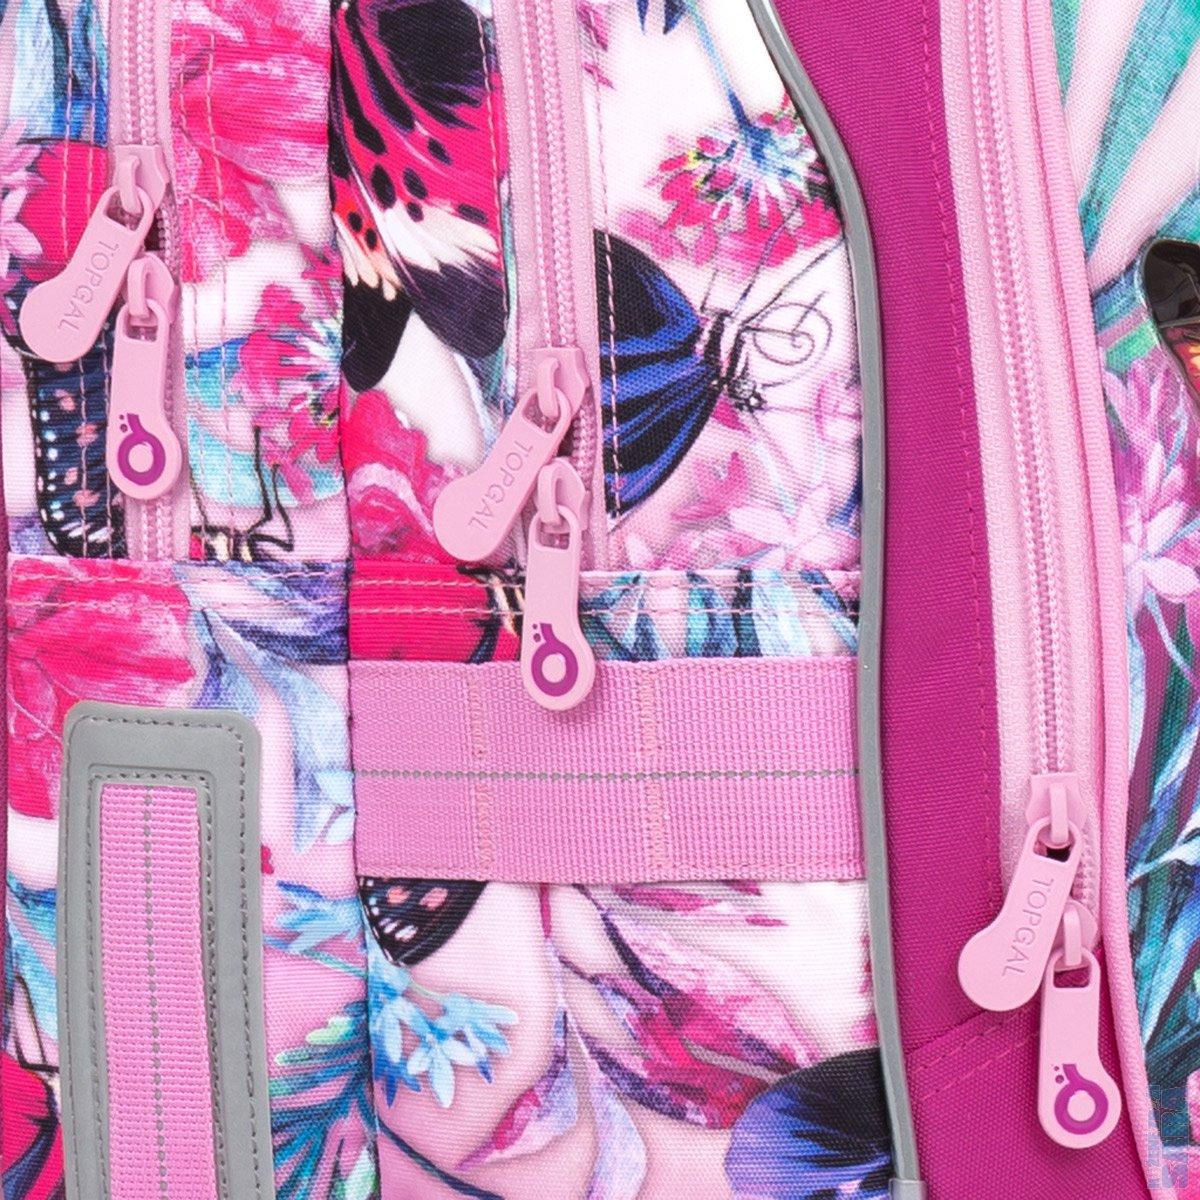 vybraná barva  G Hmotnost  0.88 kg (bez příslušenství) Rozměry  39 x 19 x  28 cm (výška x hloubka x šířka) Použitý materiál  100% Polyester Nosnost   7.00 kg 7163170ddd